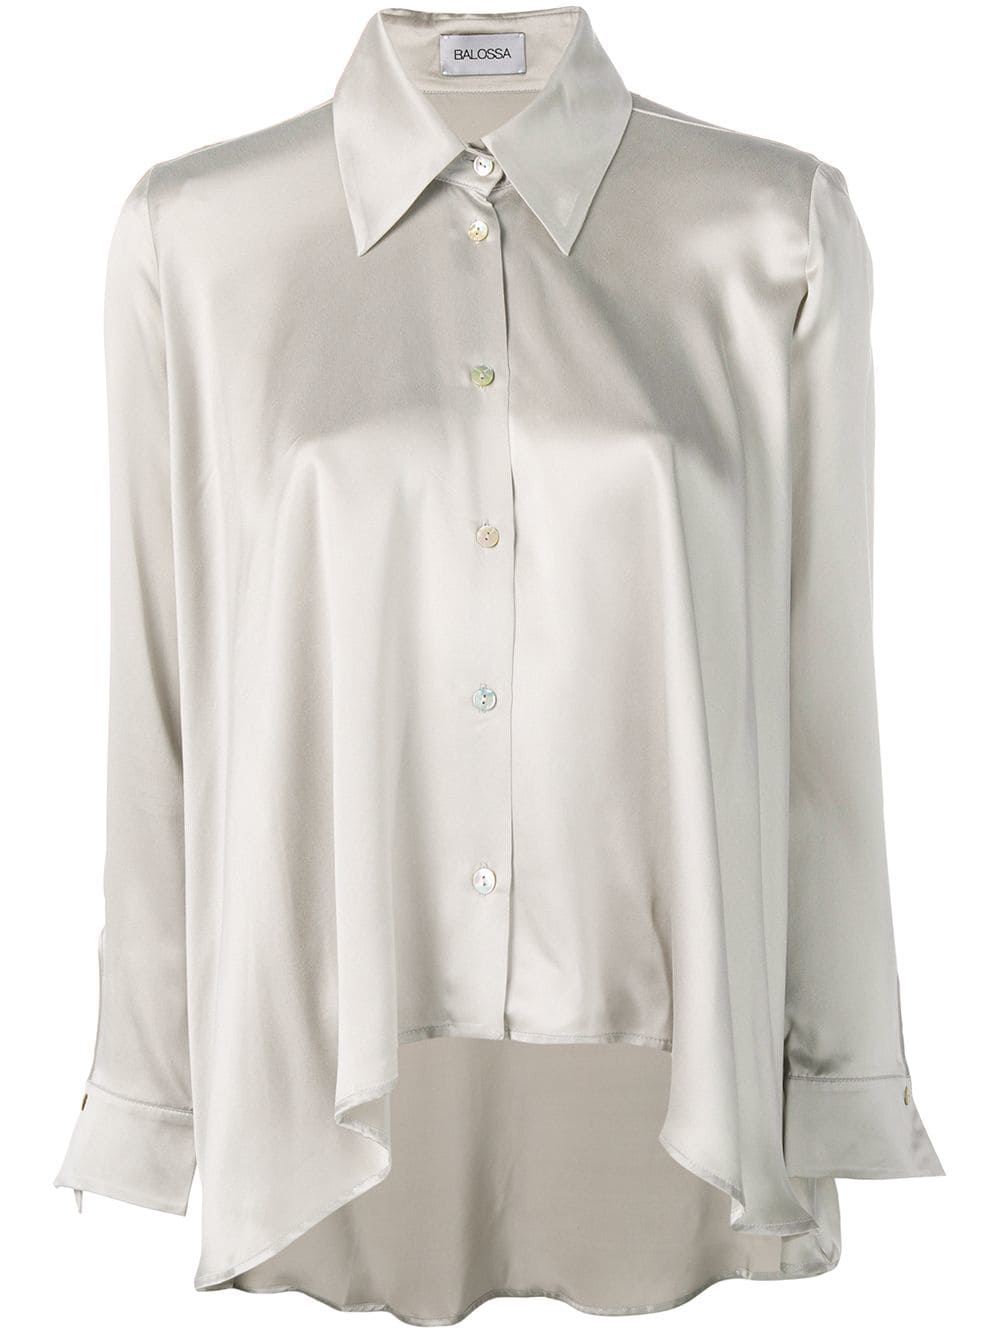 0cdba83be9e Balossa White Shirt Asymmetric Silk Shirt - Grey | ModeSens